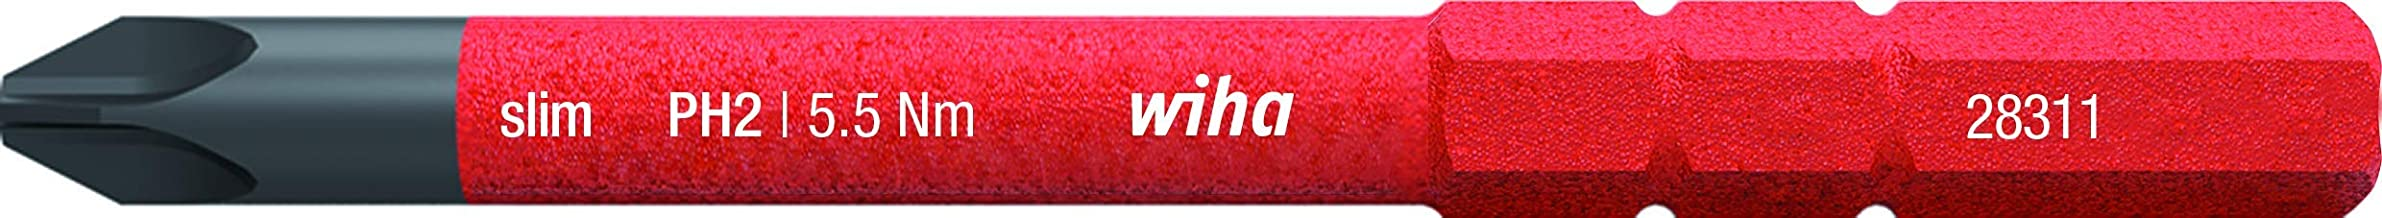 267P02 Destornillador de precisi/ón PicoFinish 267P PicoFinish T2 x 40 mm Ref WIHA 25674